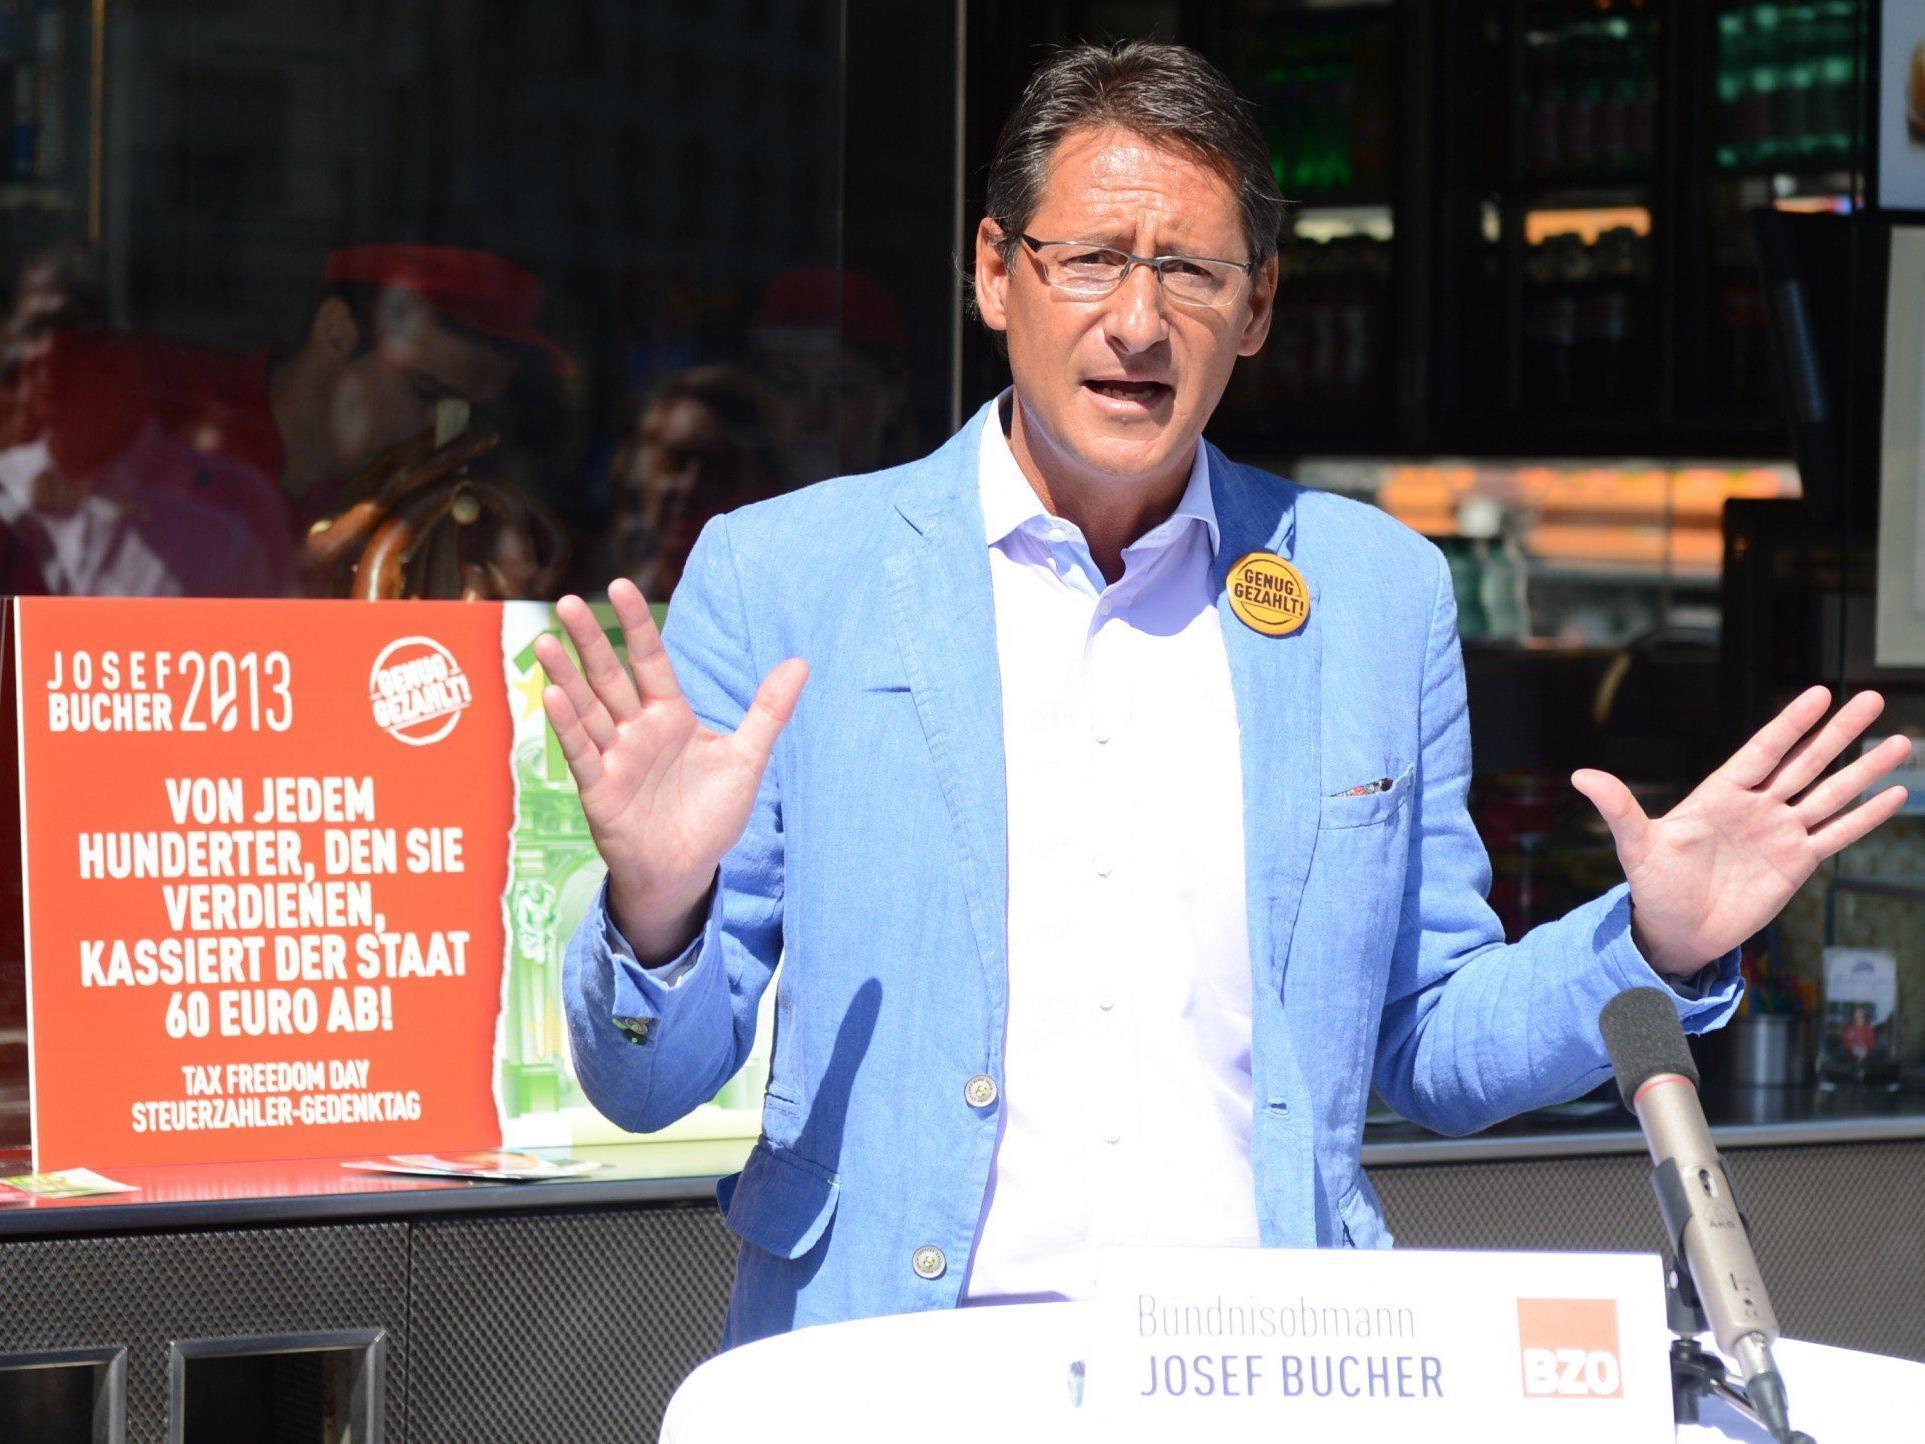 """Josef Bucher am Montag, 5. August 2013, anl. des BZÖ """"Tax Freedom Day 2013"""" beim Würstelstand Bitzinger am Albertinaplatz in Wien"""